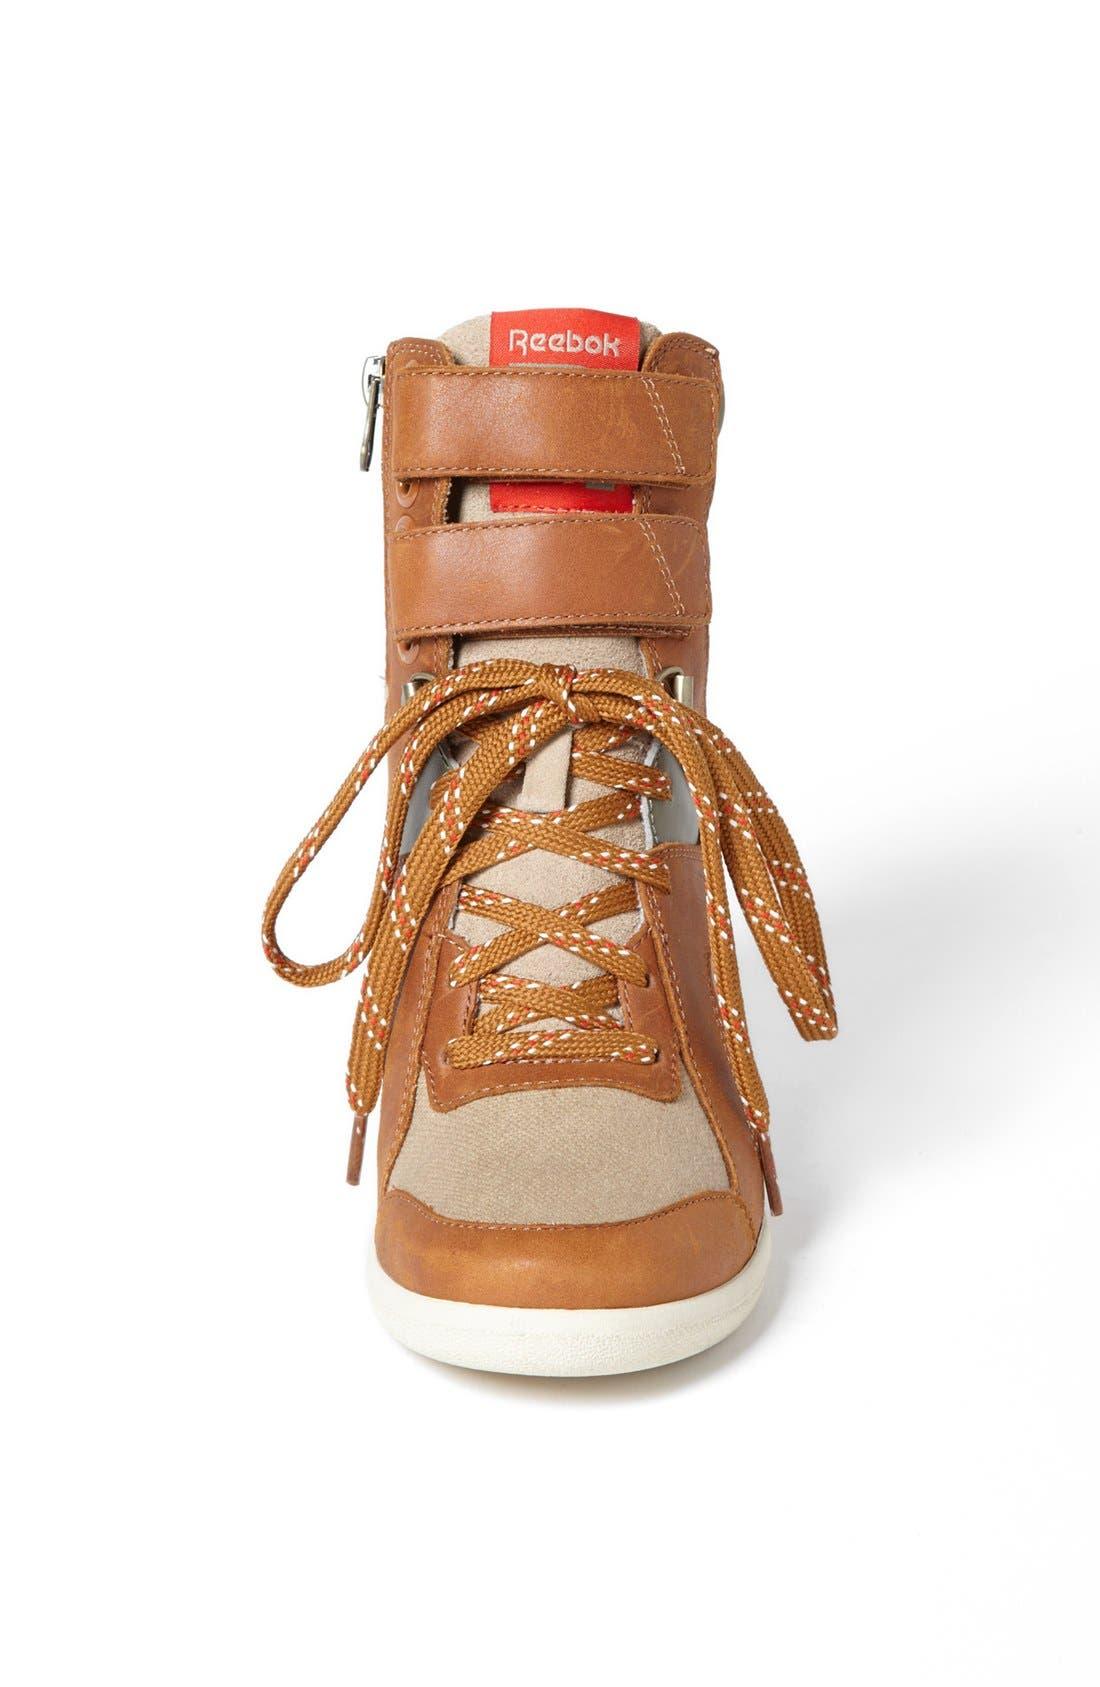 Alternate Image 3  - Reebok 'Wedge A. Keys' Sneaker (Women)